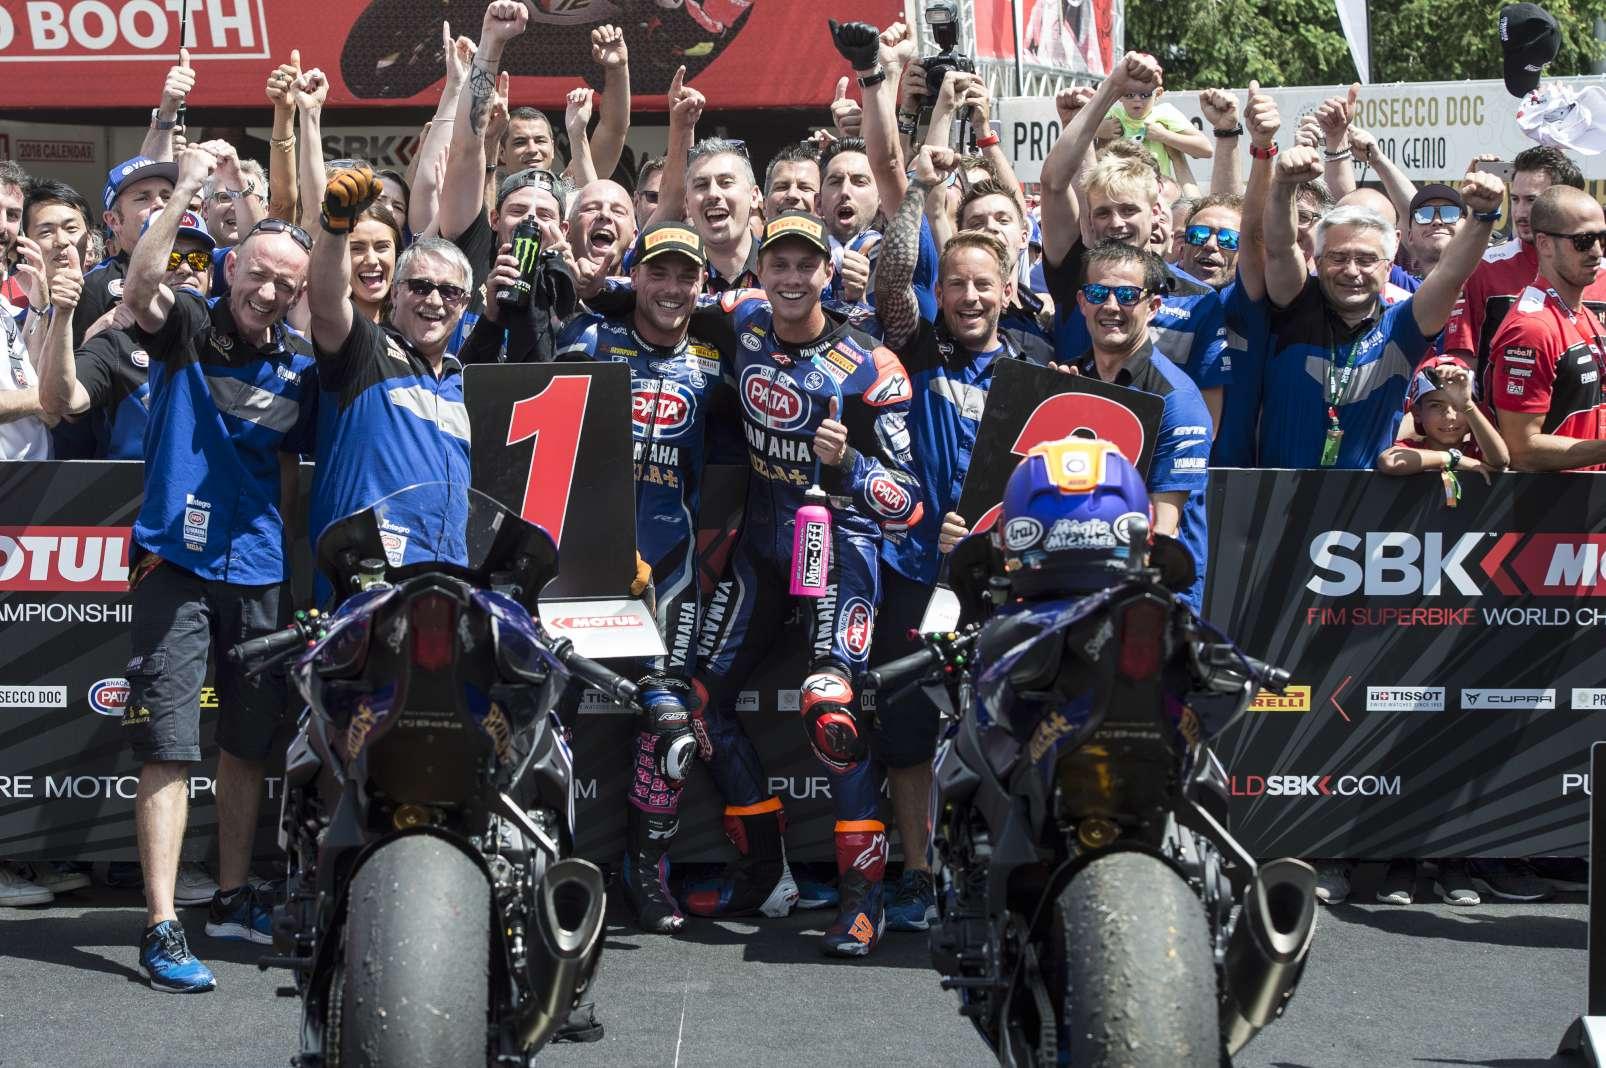 Brno WorldSBK Alex Lowes Michael van der Mark